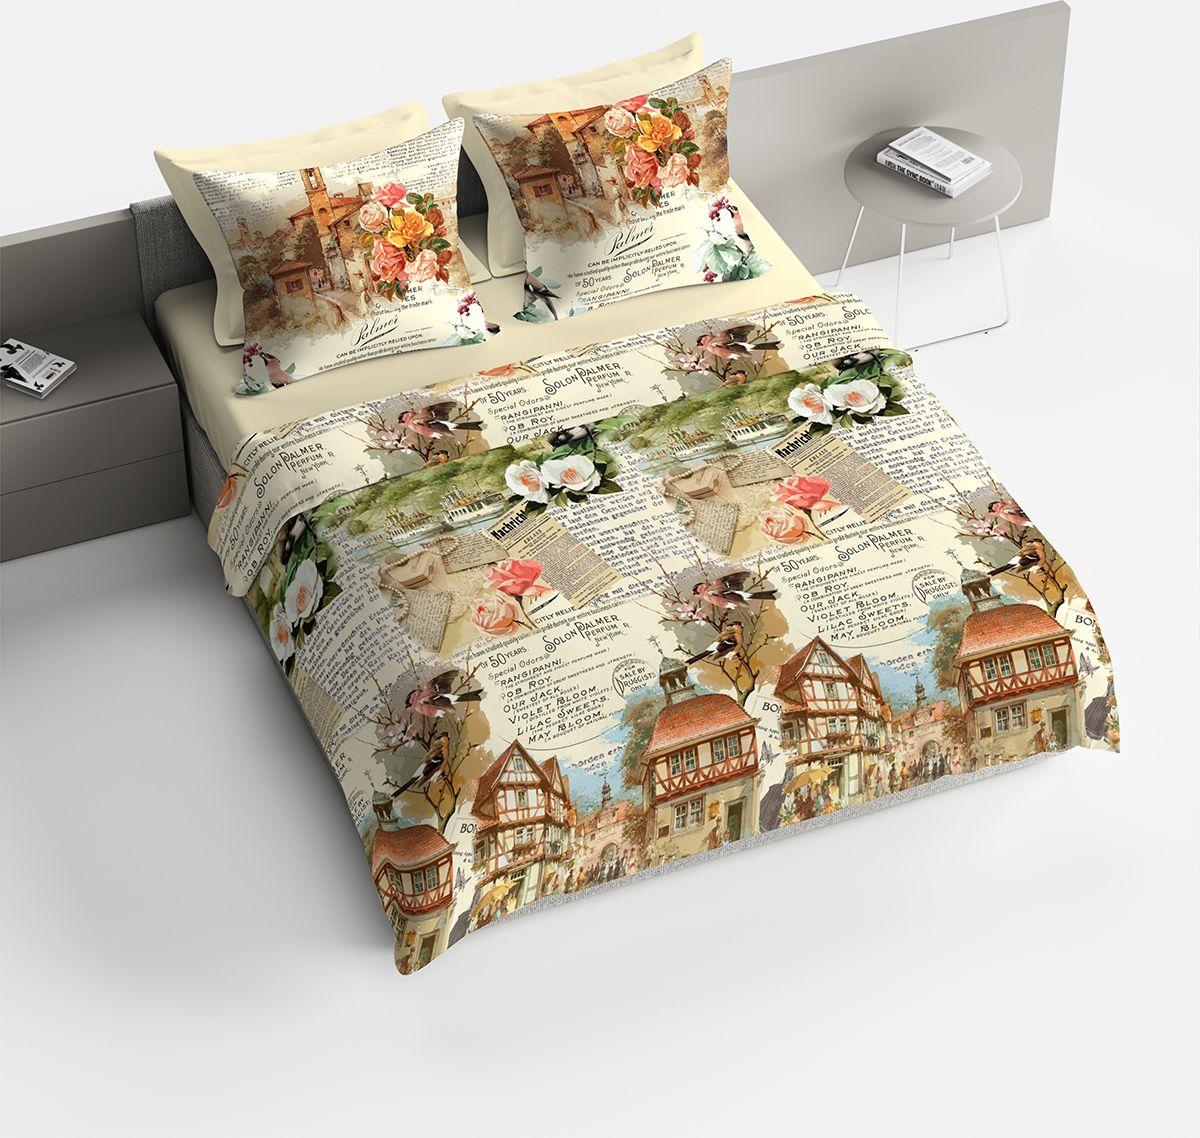 Комплект белья Браво Мюнхен, 1,5-спальное, наволочки 70x70, цвет: бежевый91927Комплекты постельного белья из ткани LUX COTTON (высококачественный поплин), сотканной из длинноволокнистого египетского хлопка, созданы специально для людей с оригинальным вкусом, предпочитающим современные решения в интерьере. Обновленная стильная упаковка делает этот комплект отличным подарком. • Равноплотная ткань из 100% хлопка; • Обработана по технологии мерсеризации и санфоризации; • Мягкая и нежная на ощупь; • Устойчива к трению; • Обладает высокими показателями гигроскопичности (впитывает влагу); • Выдерживает частые стирки, сохраняя первоначальные цвет, форму и размеры; • Безопасные красители ведущего немецкого производителя BEZEMA